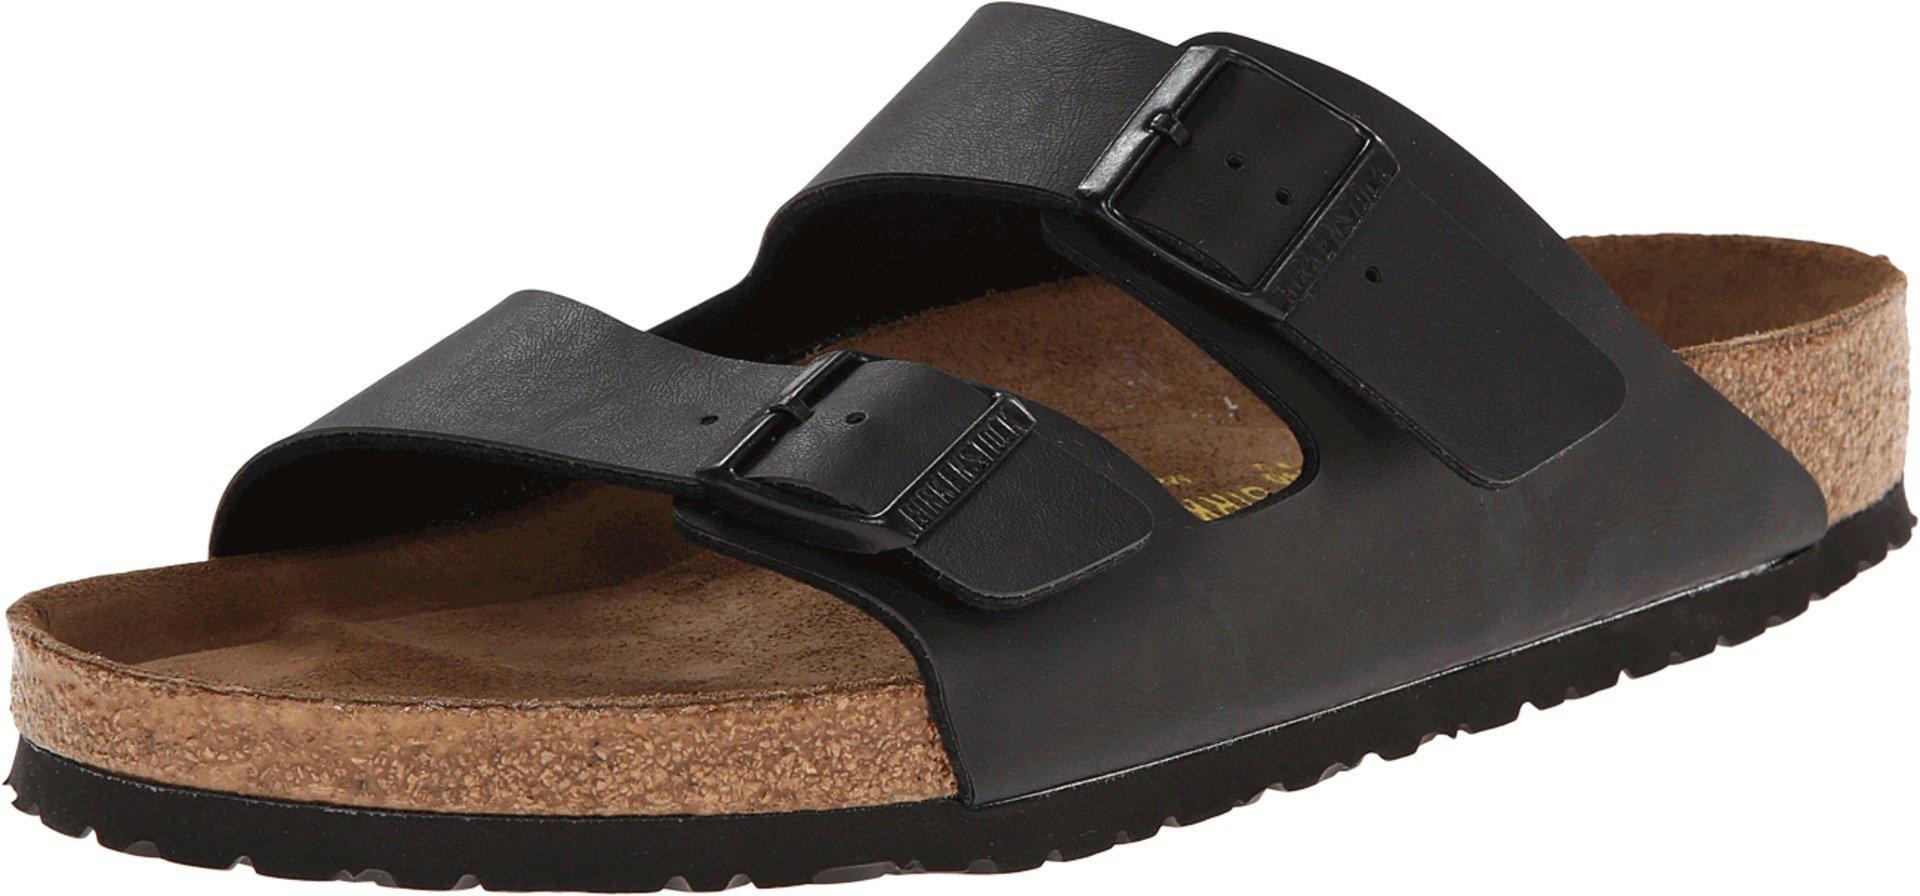 Birkenstock Unisex Arizona Black Birko-flor Sandals - 9-9.5 B(M) US Women/7-7.5 D(M) US Men by Birkenstock